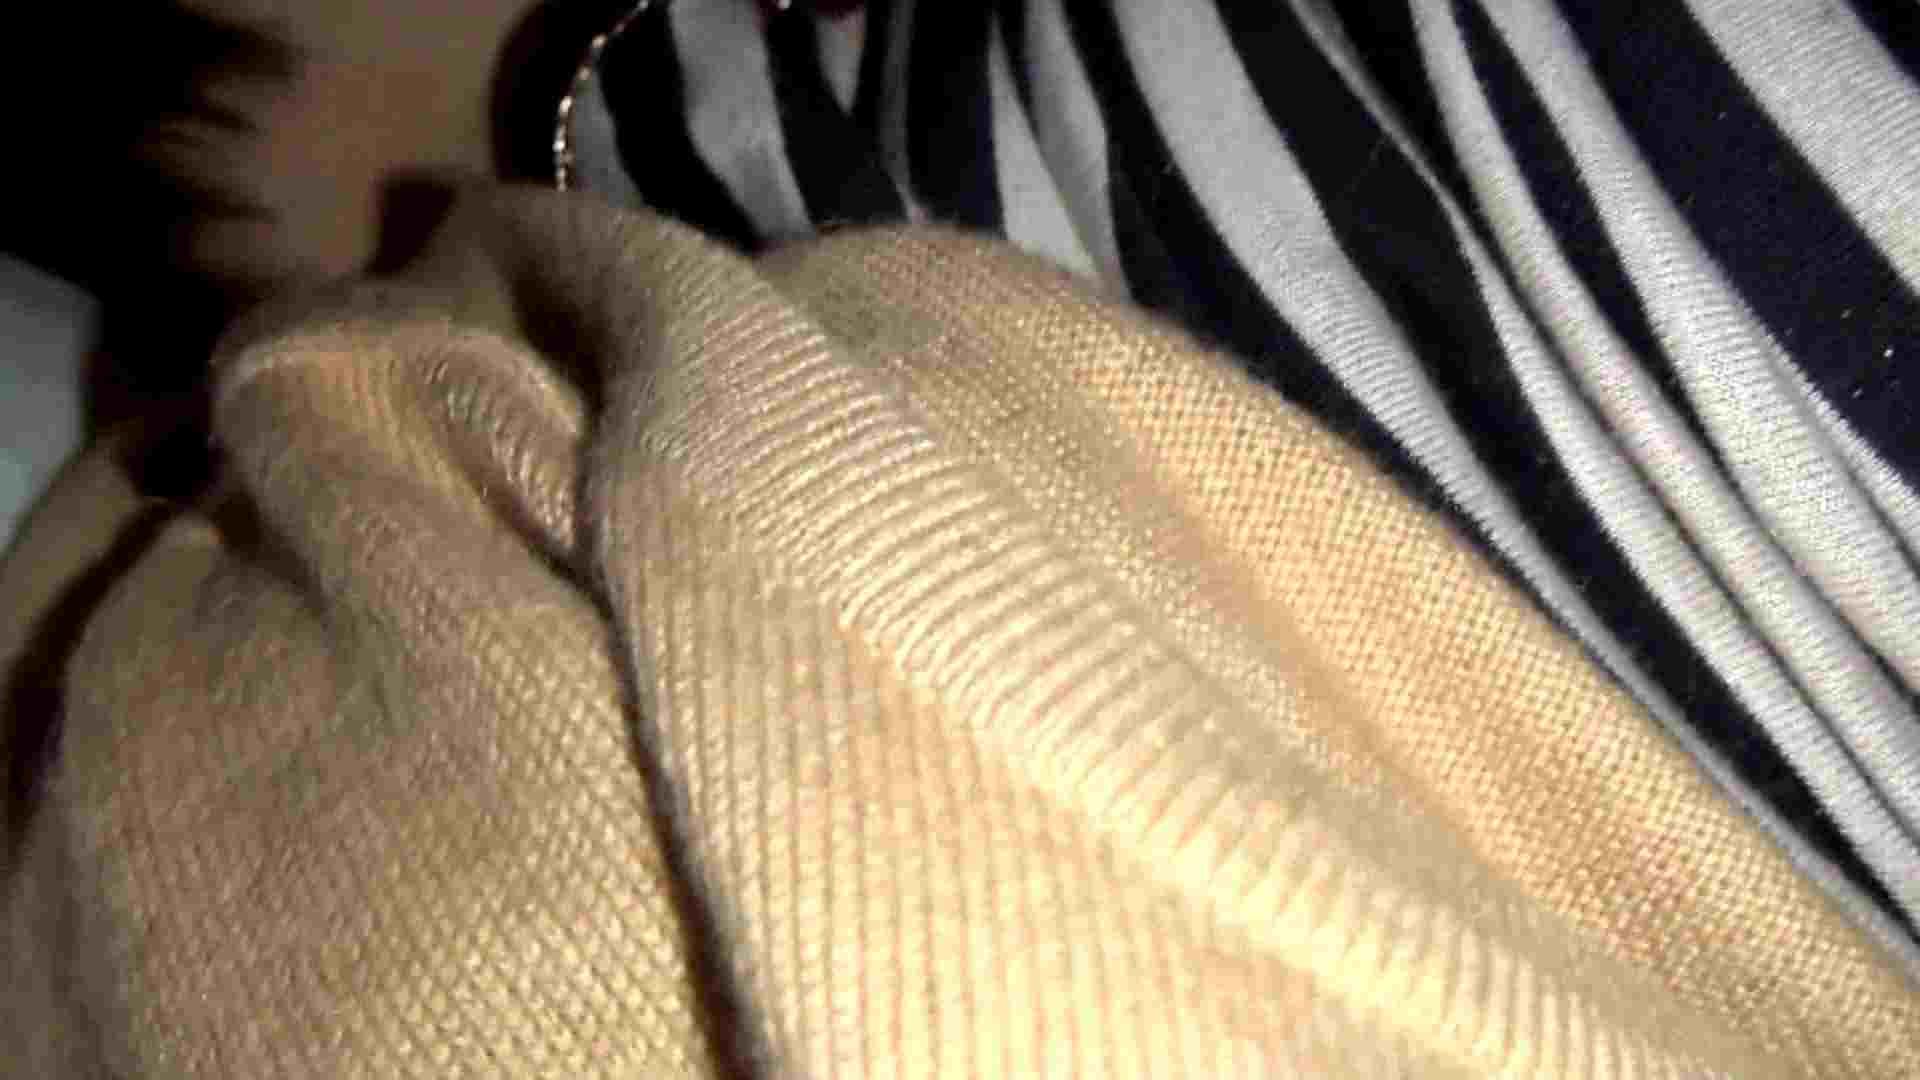 魔術師の お・も・て・な・し vol.31 現役女子大生にスリプル OLセックス | イタズラ  108画像 76